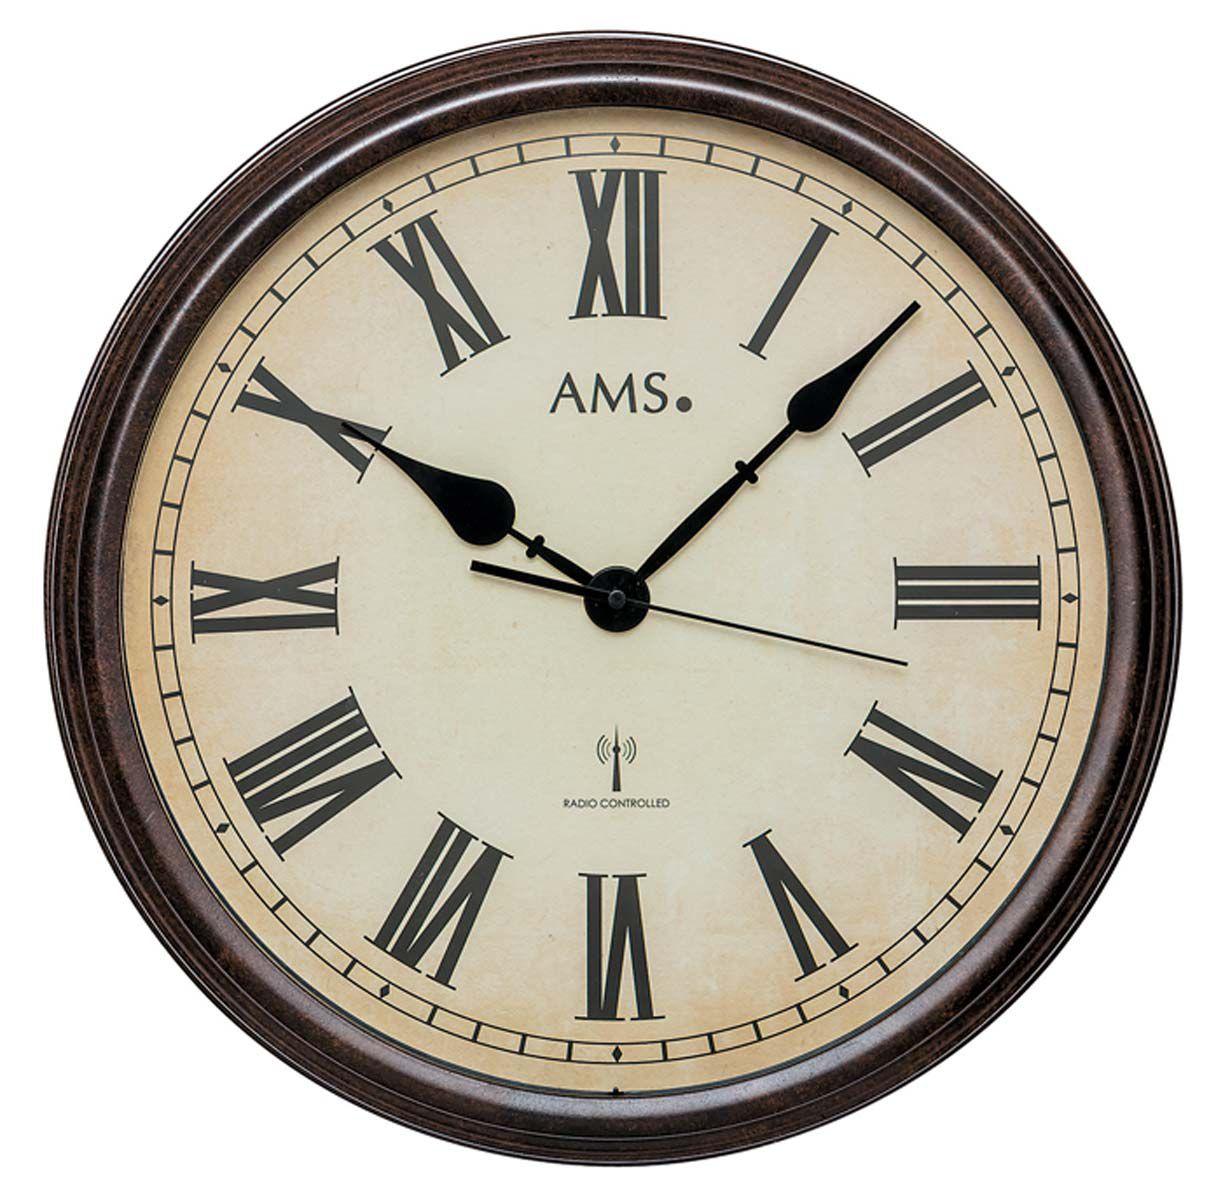 Kovové nástěnné retro hodiny AMS 5977 rádiem řízené, velké kulaté hodiny vhodné do kanceláře